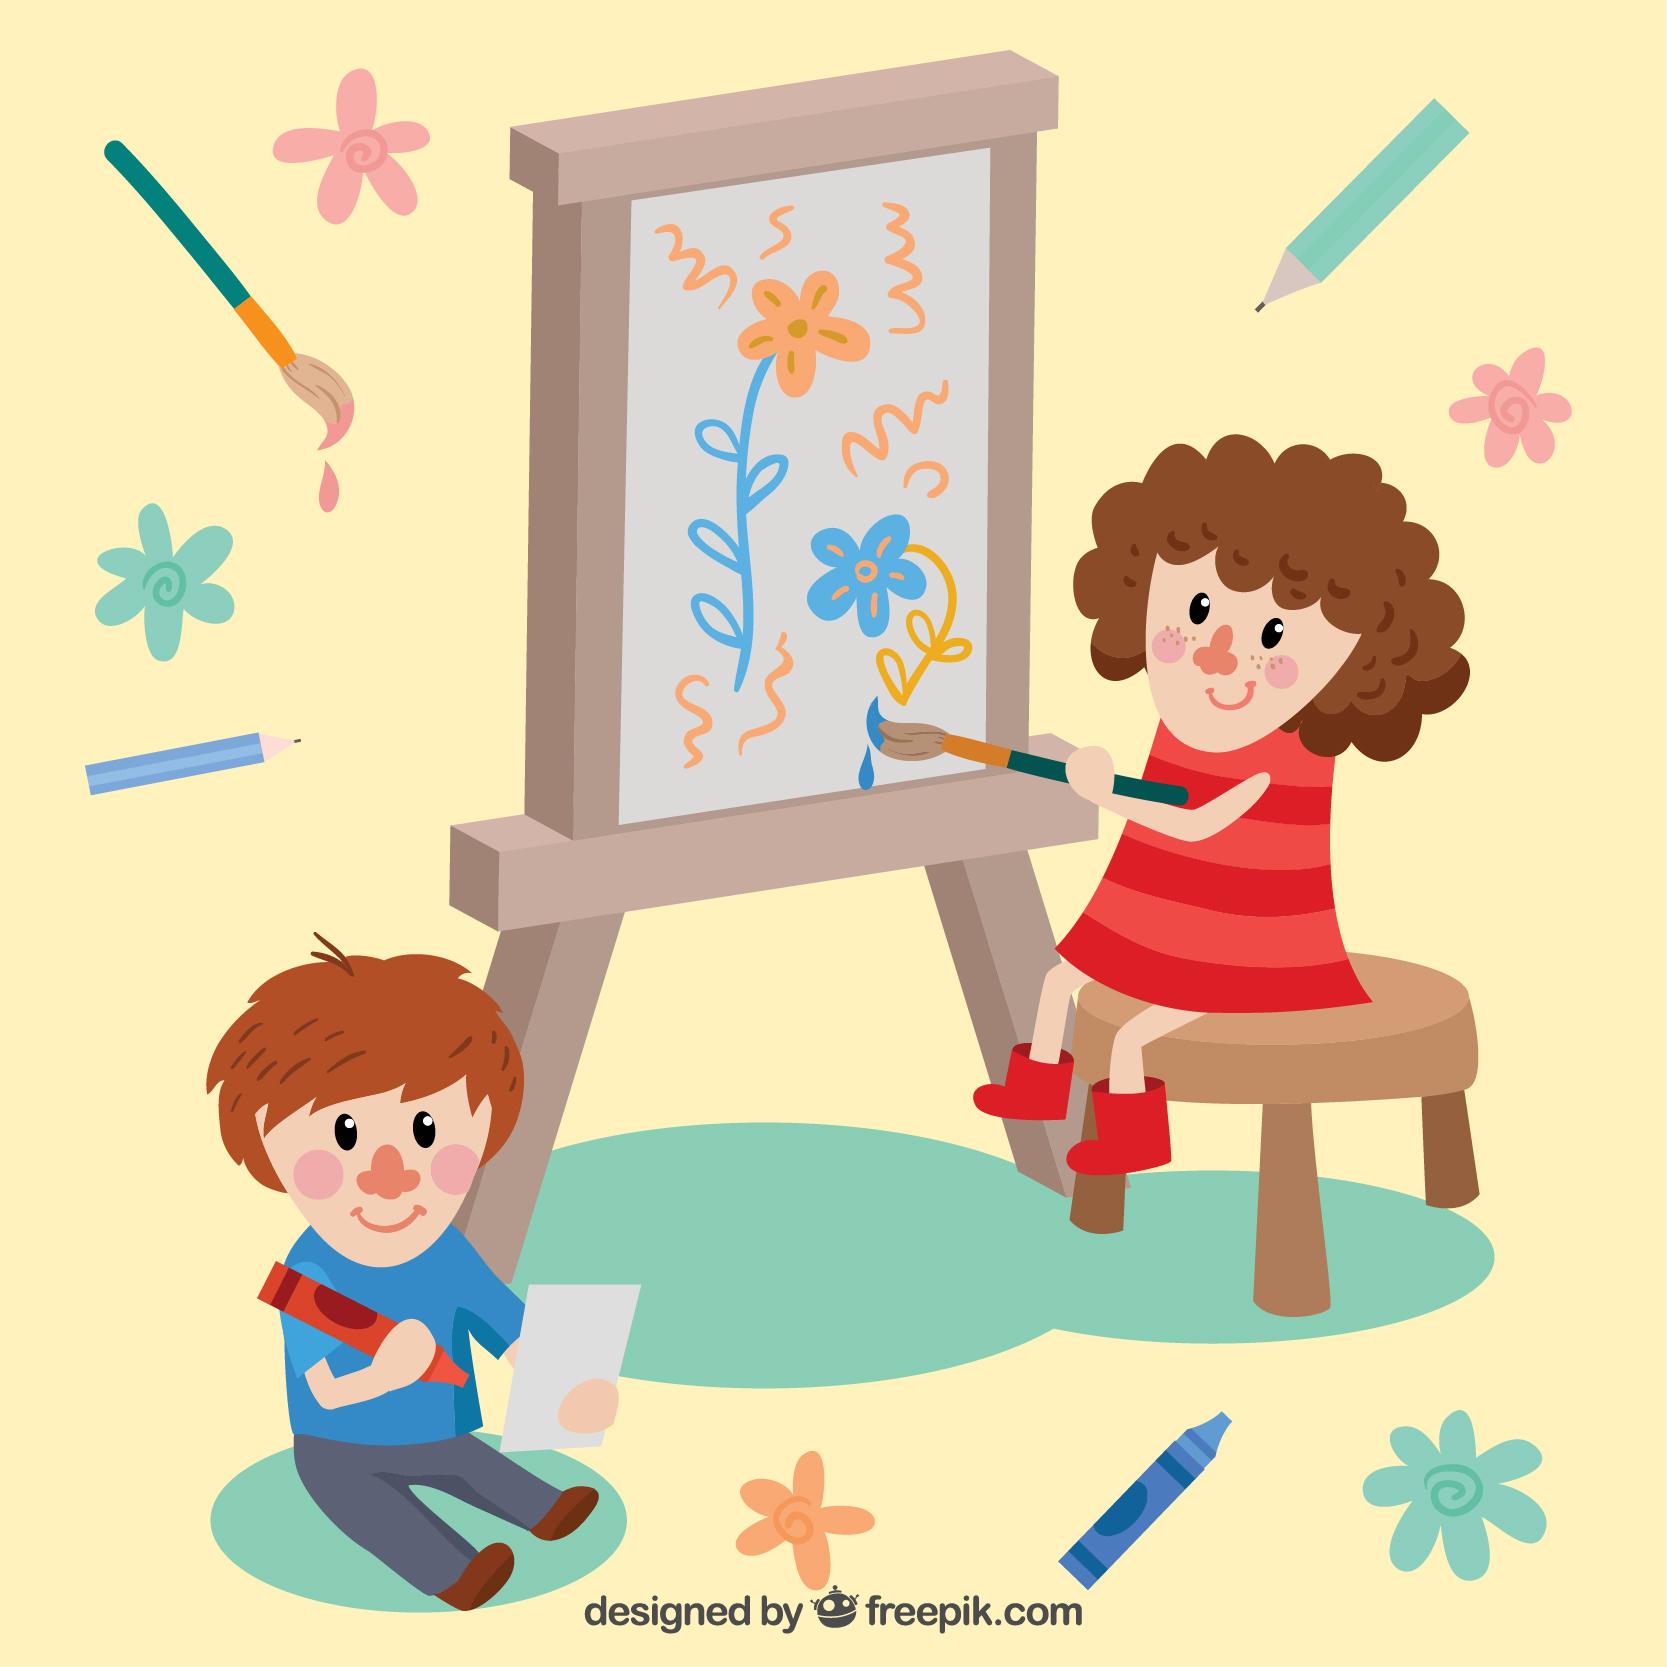 Niños Pintar Wiwi Y Y Dibujar Y Niños Dibujar Niños Pintar Dibujar Wiwi Pintar PkN8Xw0nO